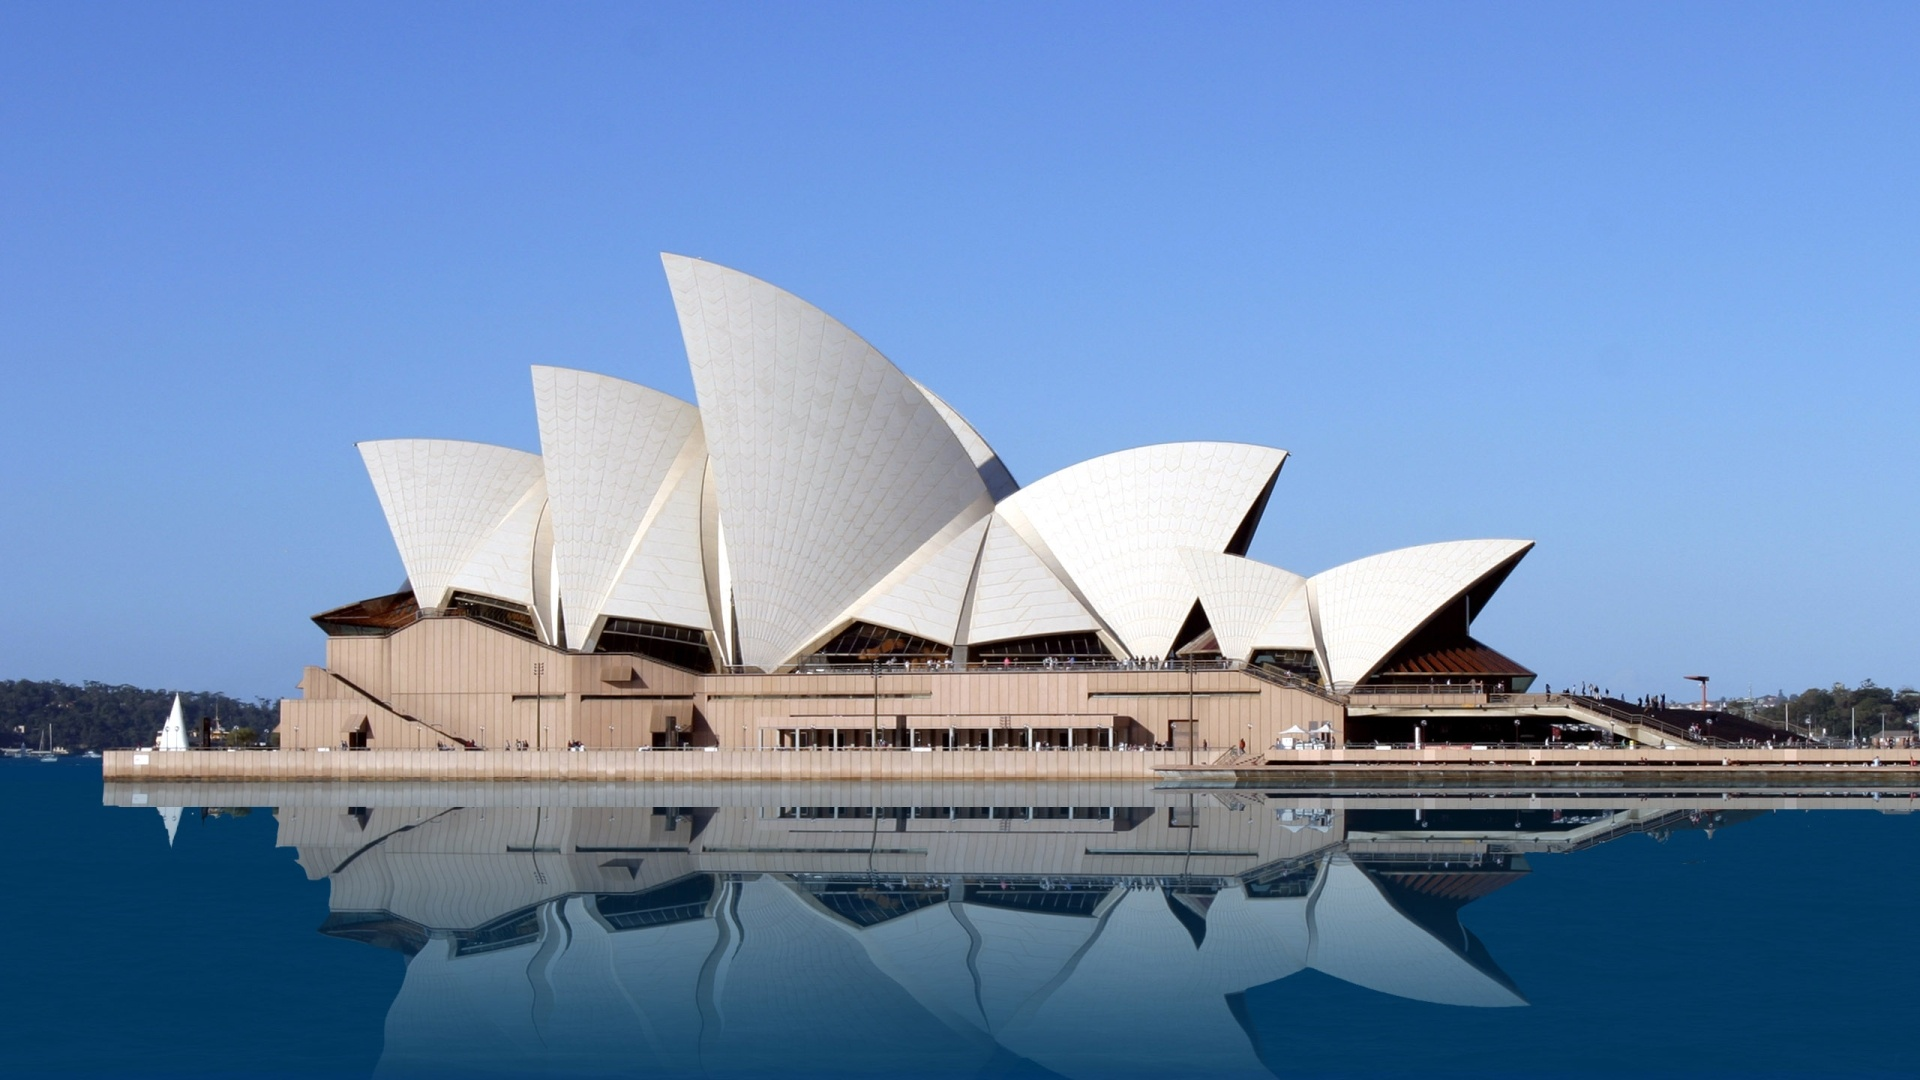 خانه ی اپرا - سیدنی ، استرالیا